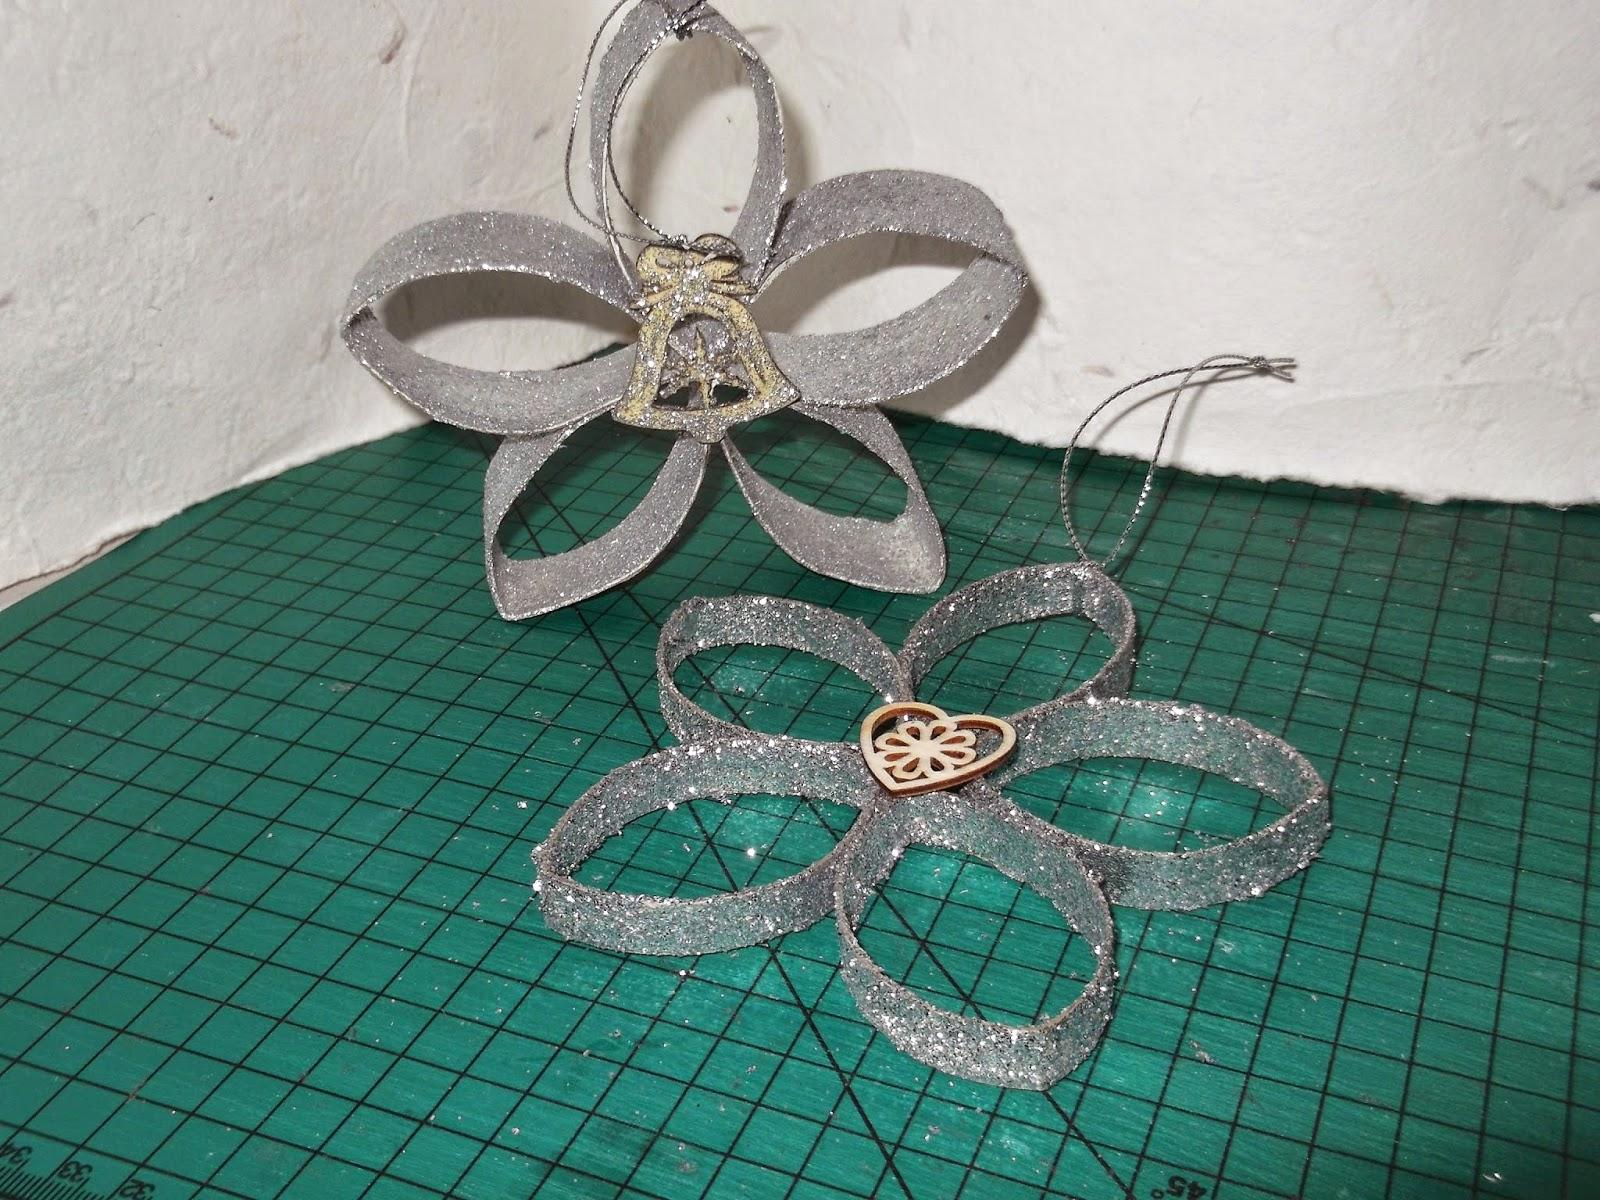 Favoloso Stardustpaper creazioni di carta - Stardustpaper paper creations  YK72